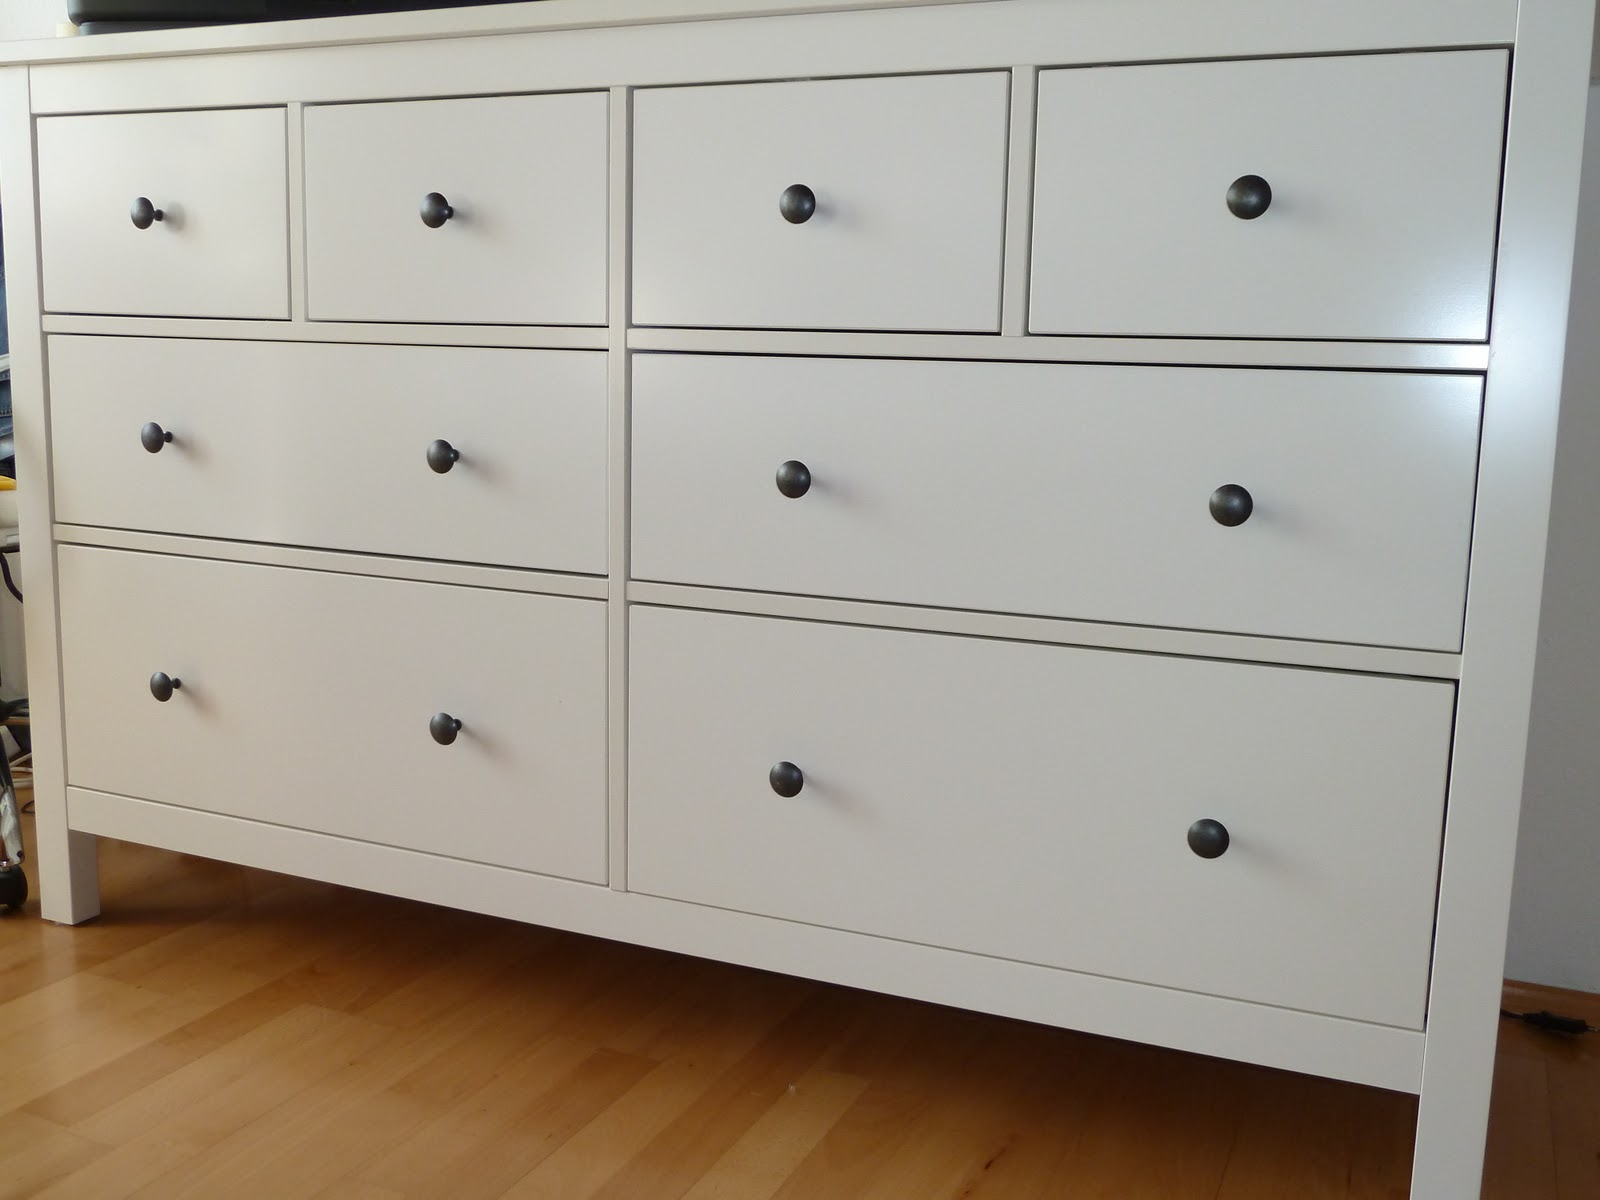 schuhschrank hemnes von ikea. Black Bedroom Furniture Sets. Home Design Ideas